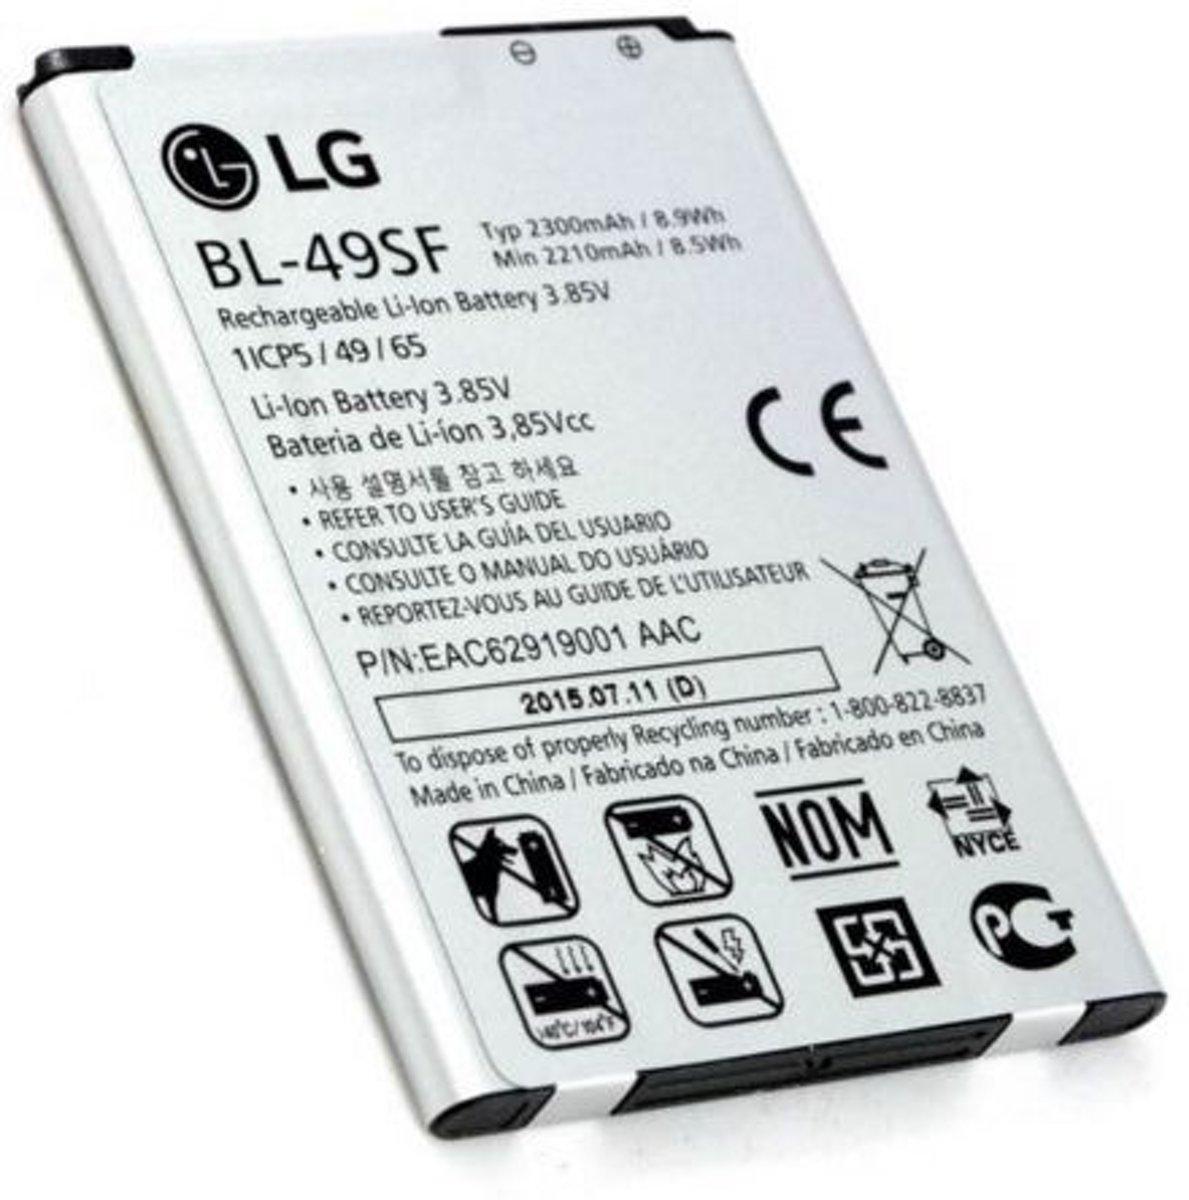 LG accu voor de G4S / G4 mini - 2300mAh - BL49SF kopen